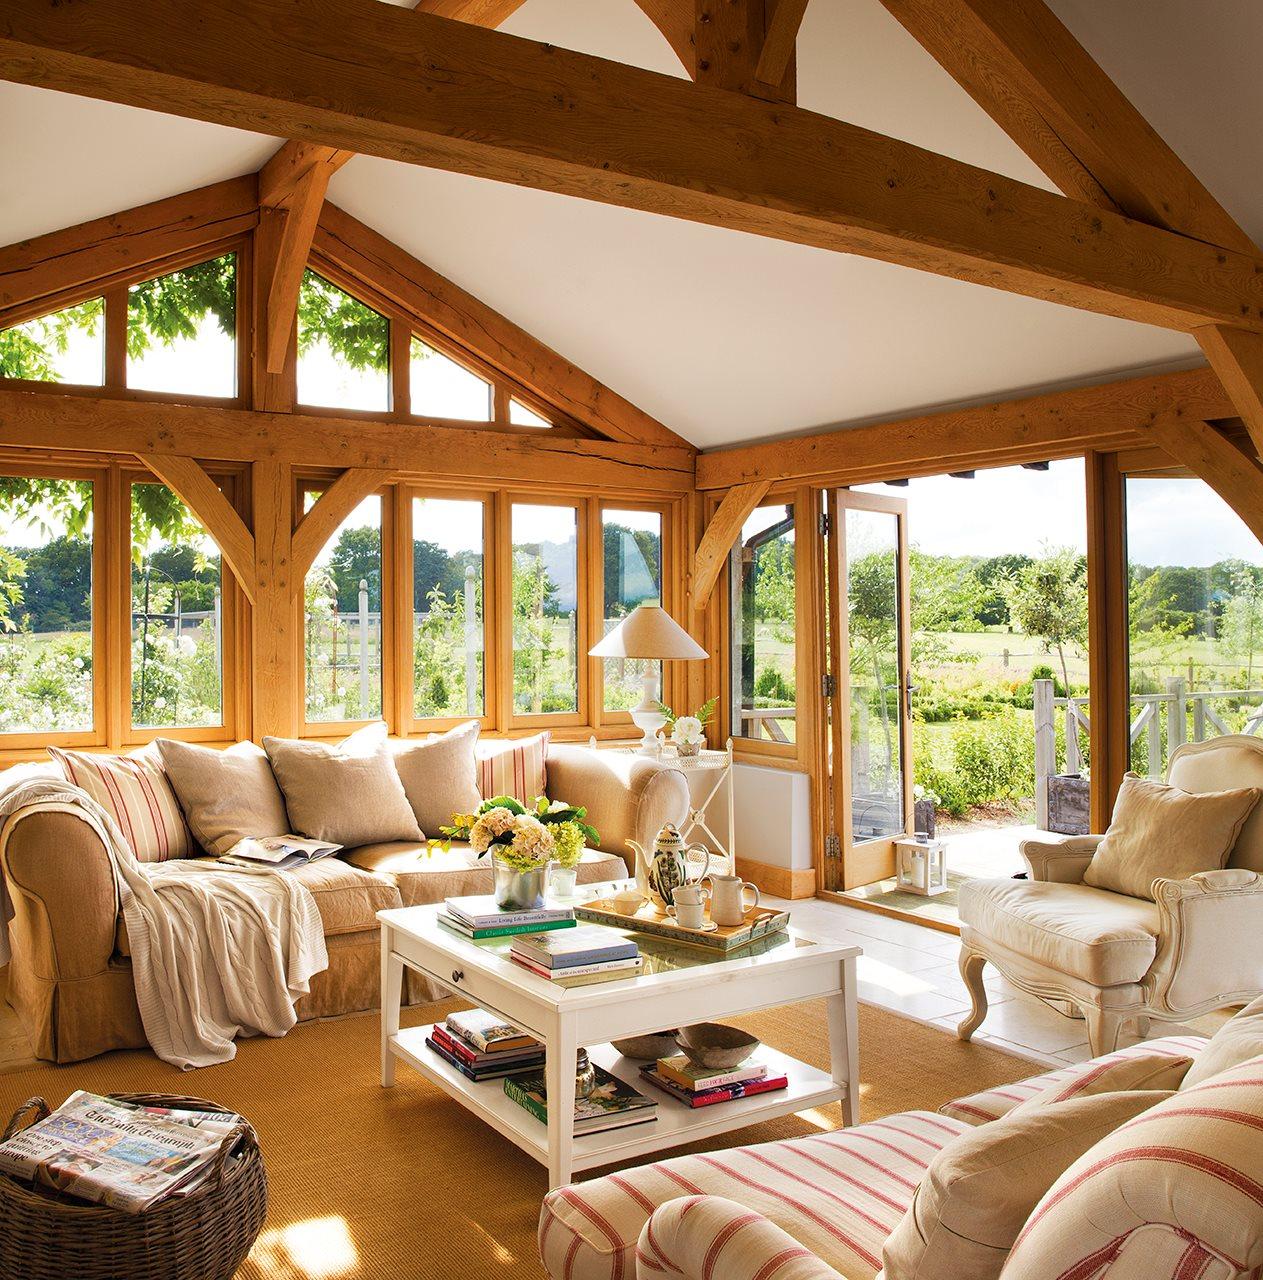 La casita de lady sophia for Casa de madera con jardin